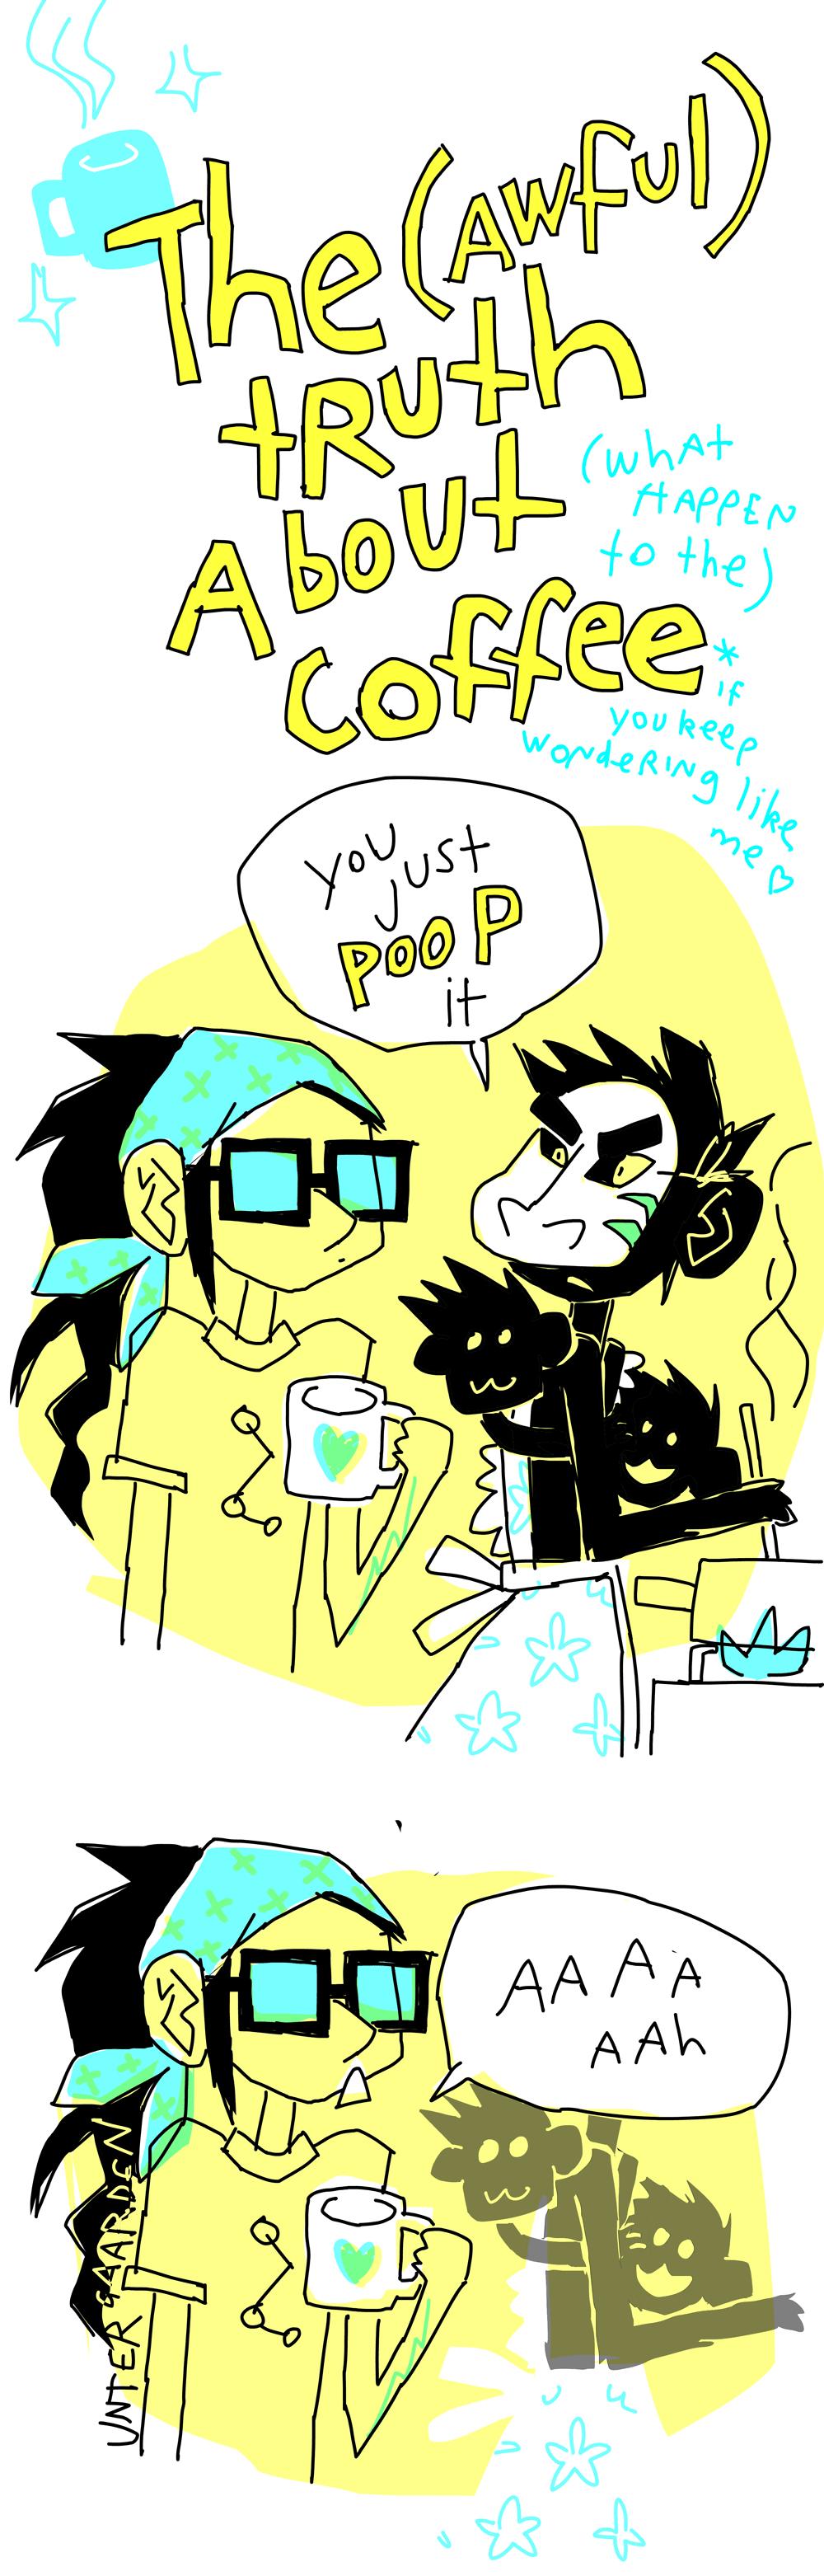 You just Poop It